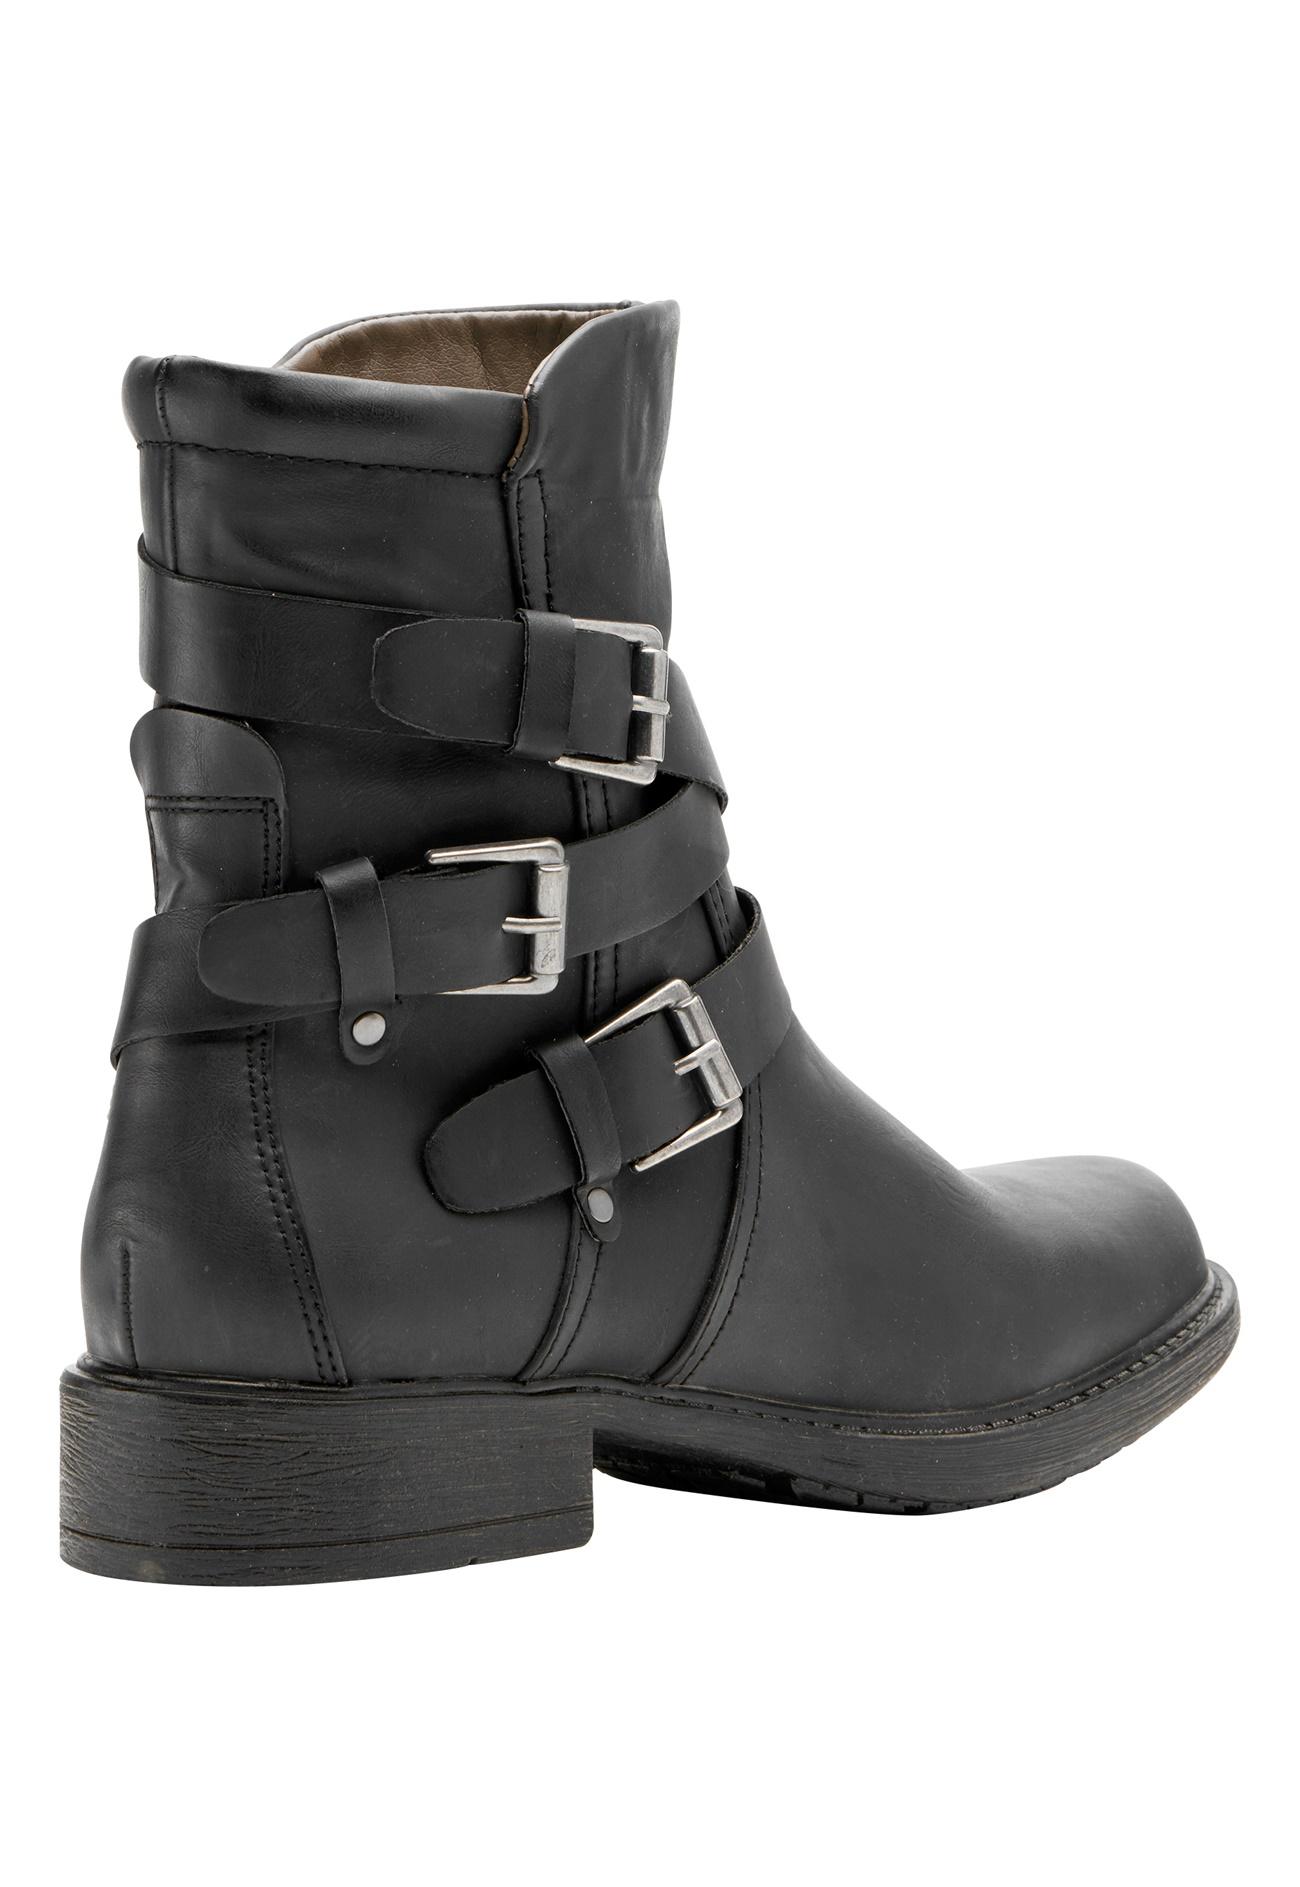 Vero moda milano boot black bubbleroom for Mode milano